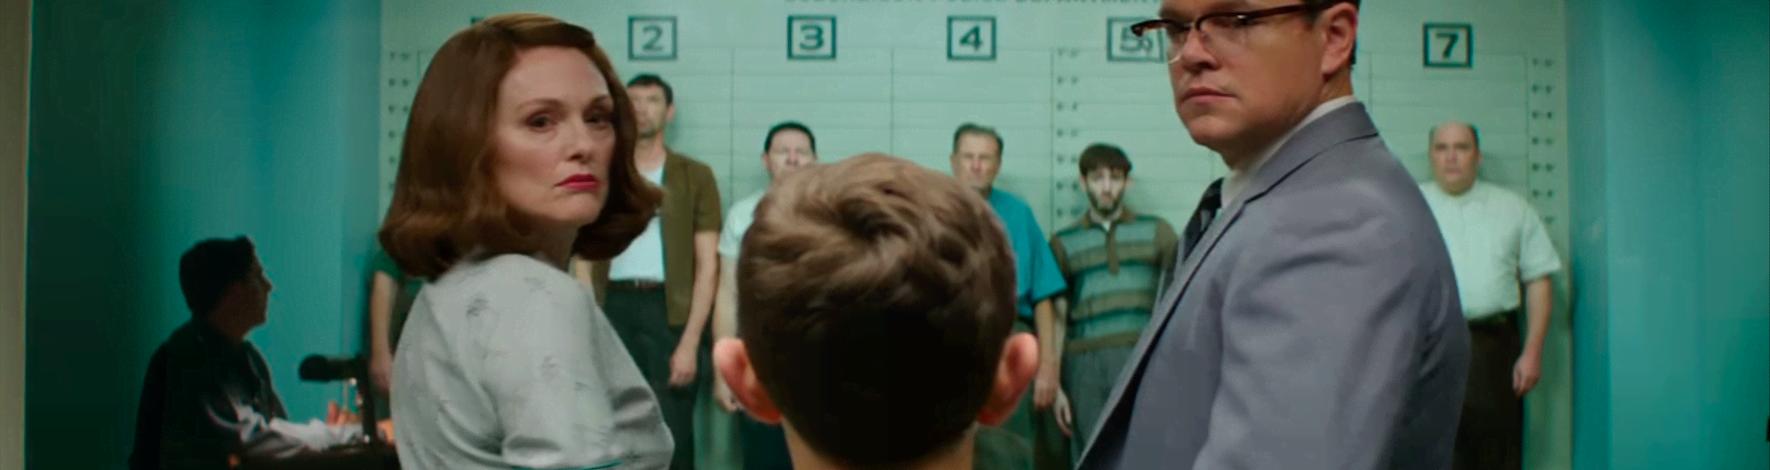 Confira o novo teaser de 'Suburbicon', com Matt Damon